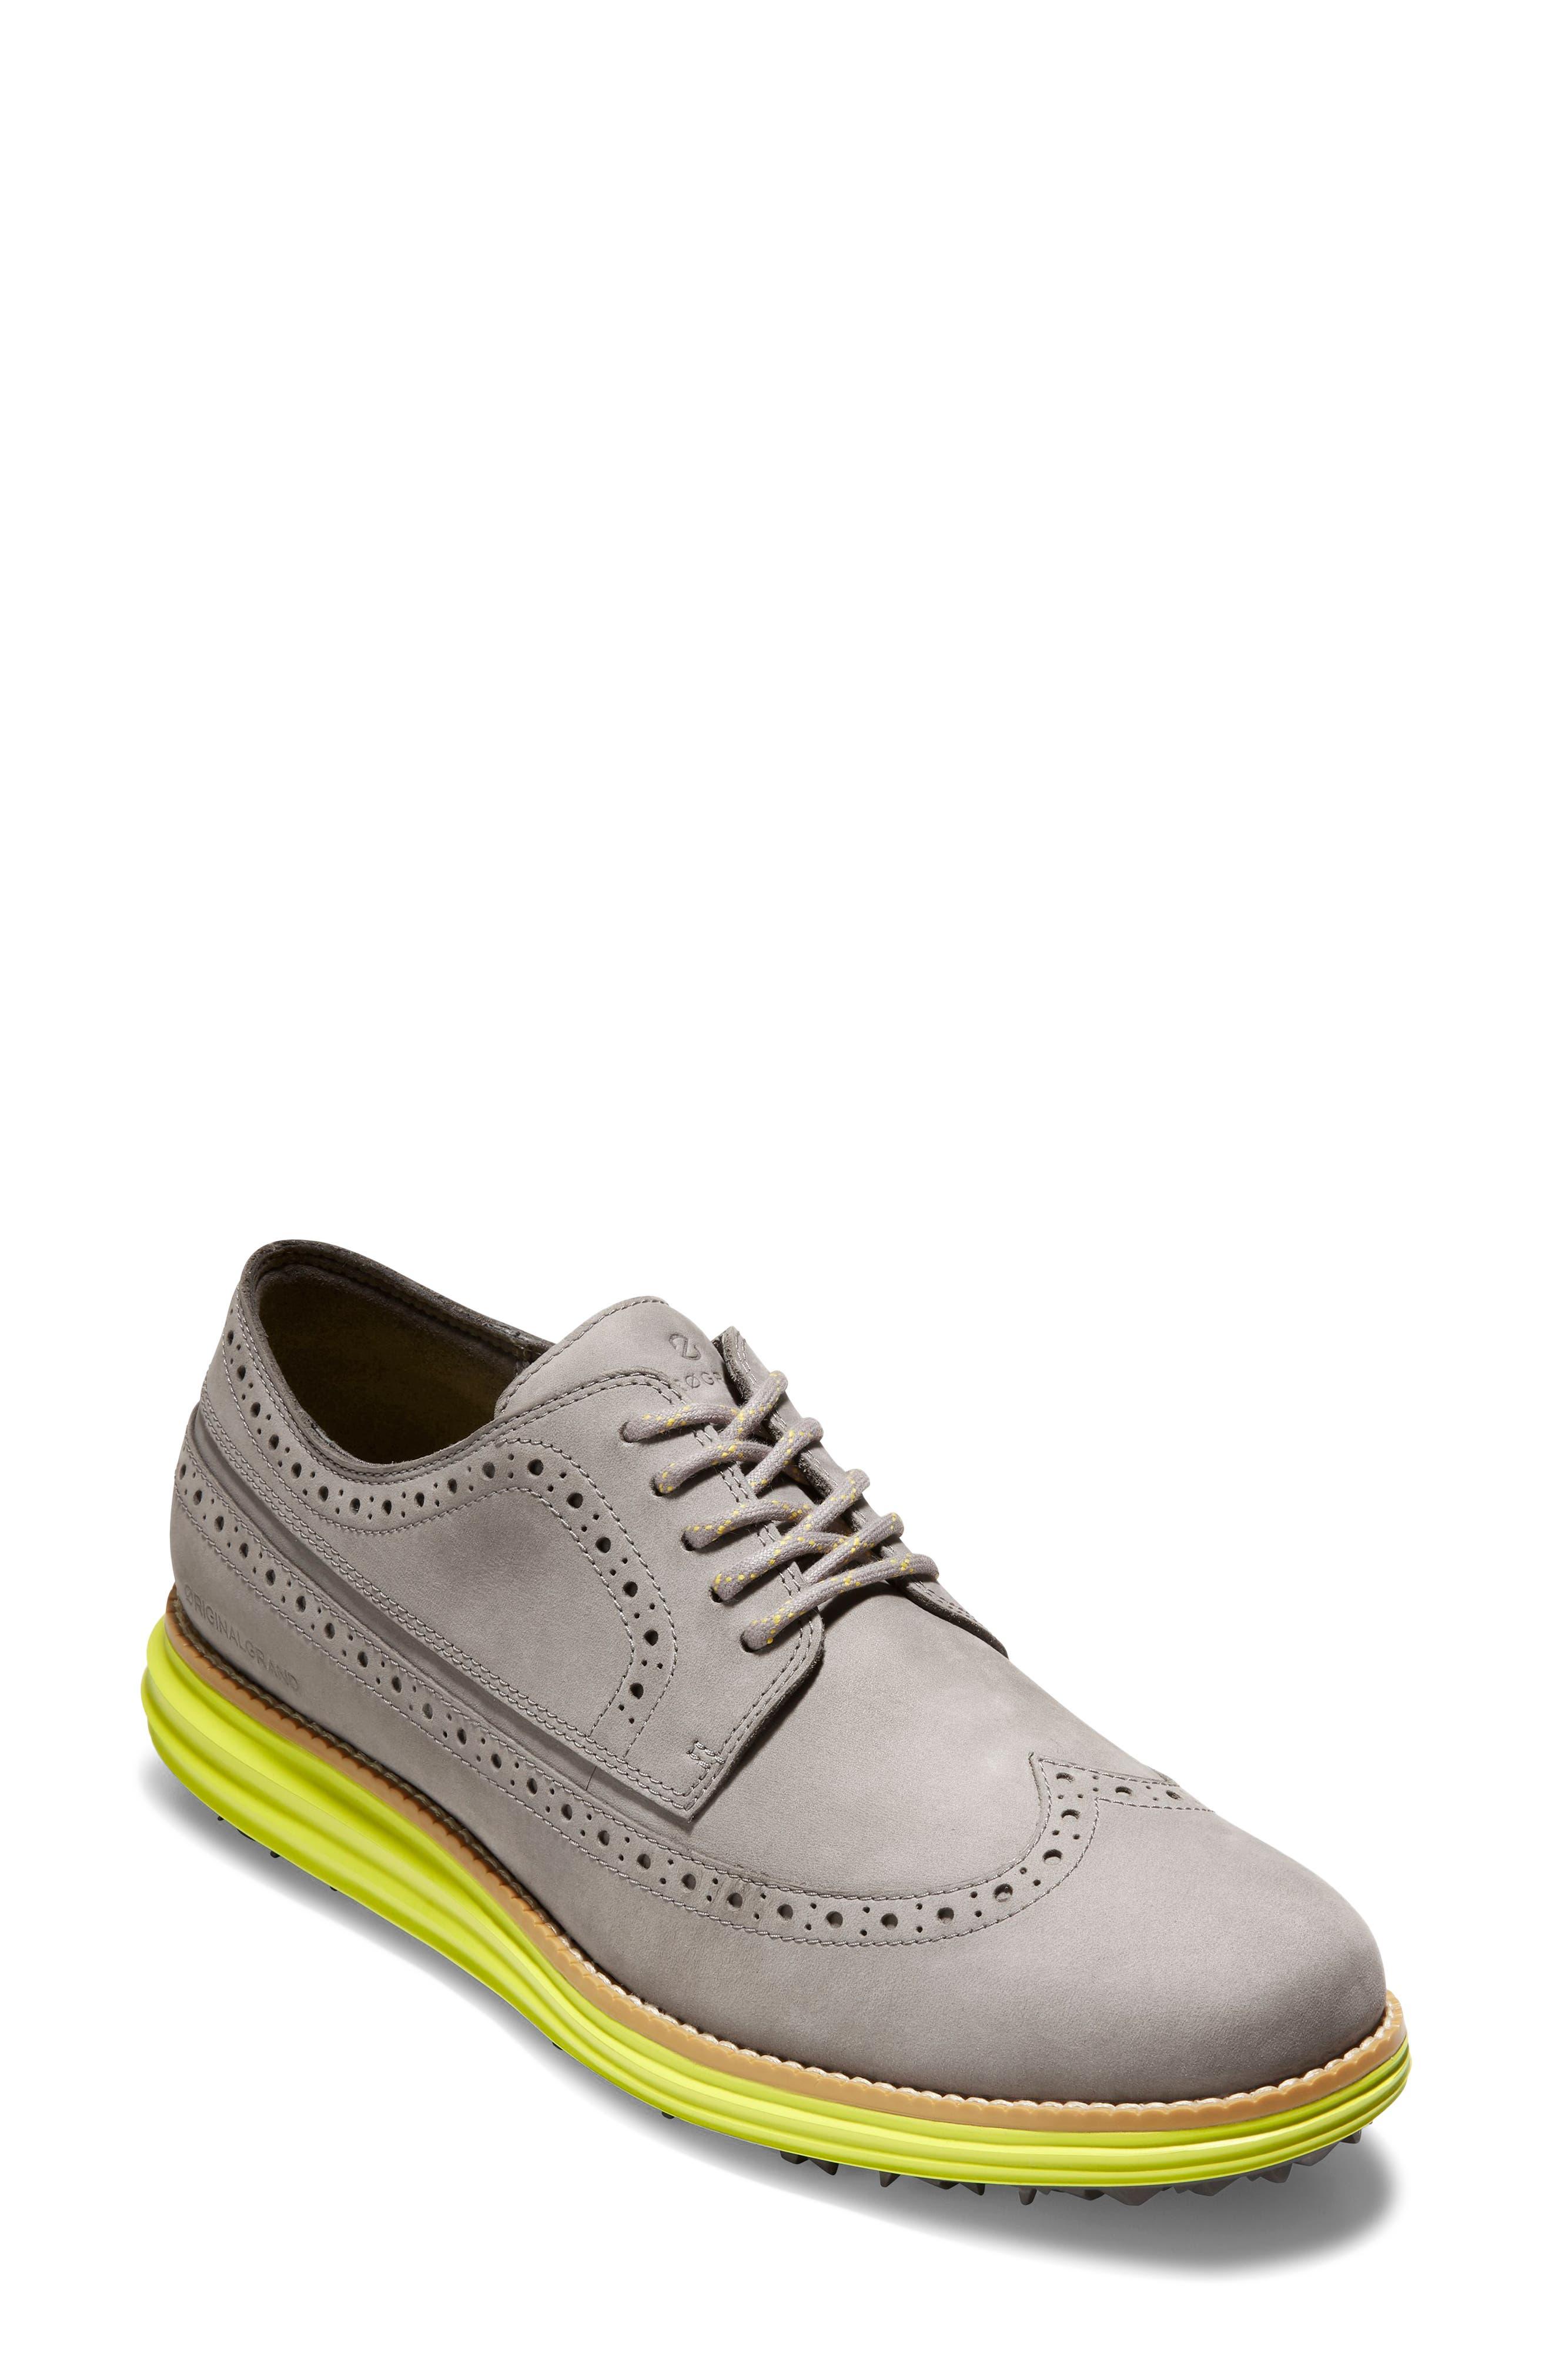 Originalgrand Water Resistant Wingtip Golf Shoe